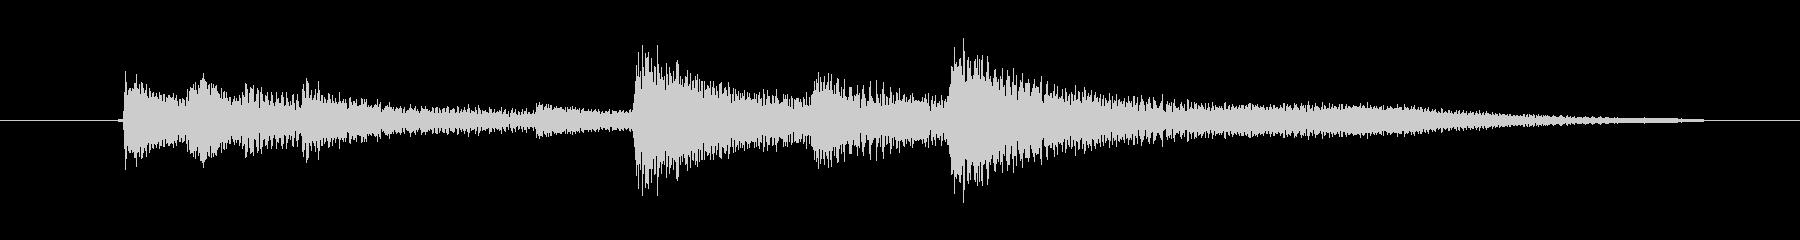 ピアノの響きが美しい汎用的なジングルの未再生の波形